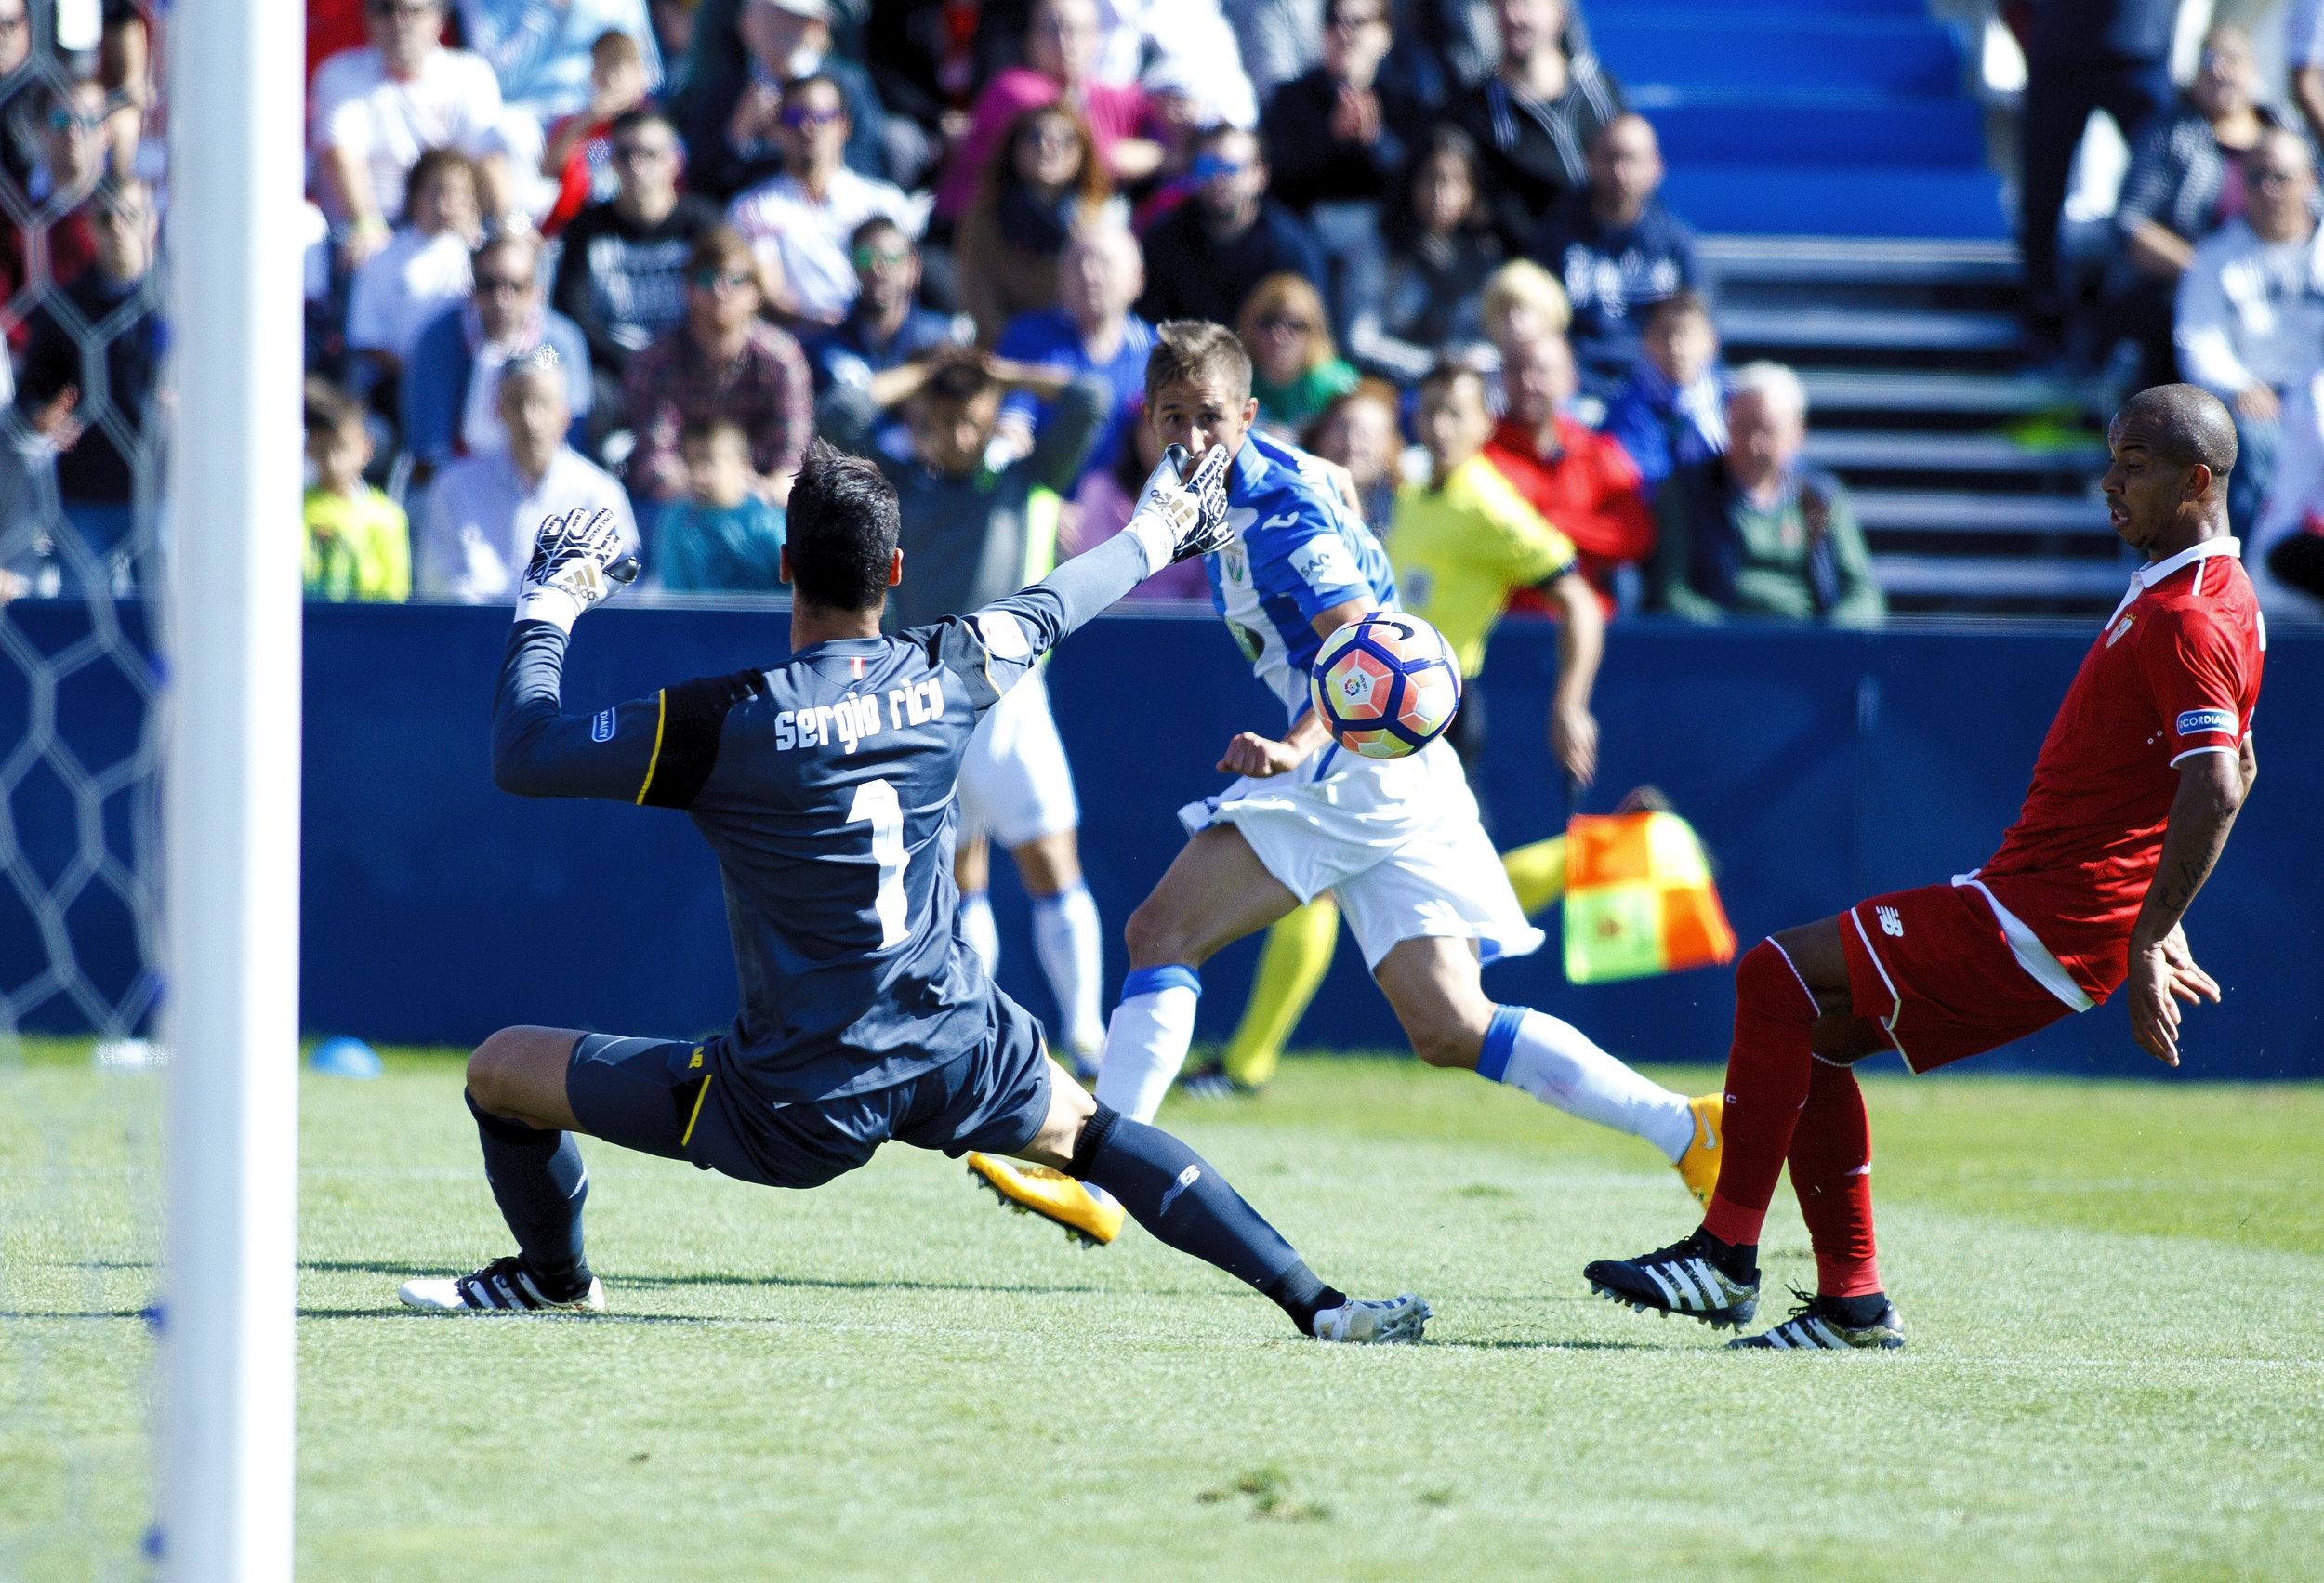 Alexander Szymanowski scorer for Leganés mod Sevilla i weekendens hjemmekamp, der endte 3-2 til gæsterne.   Foto: Getty Images